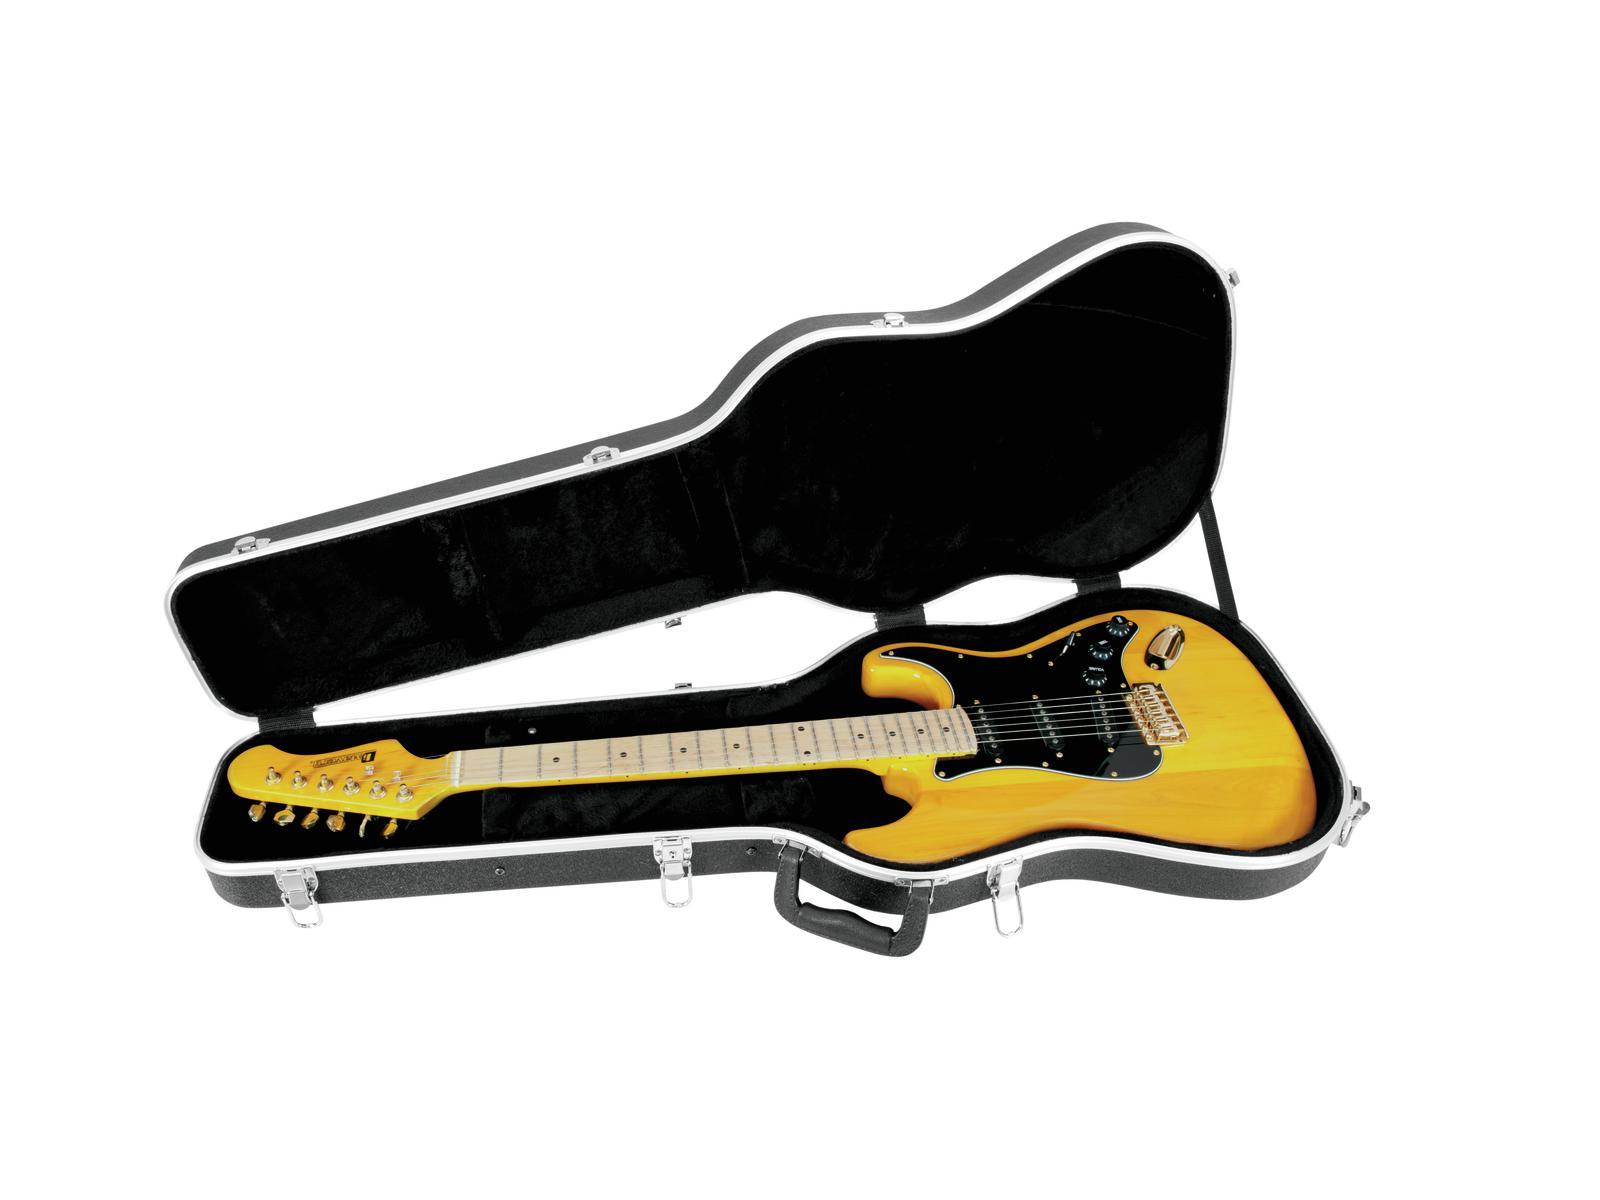 Guitarkasse til elektrisk guitar